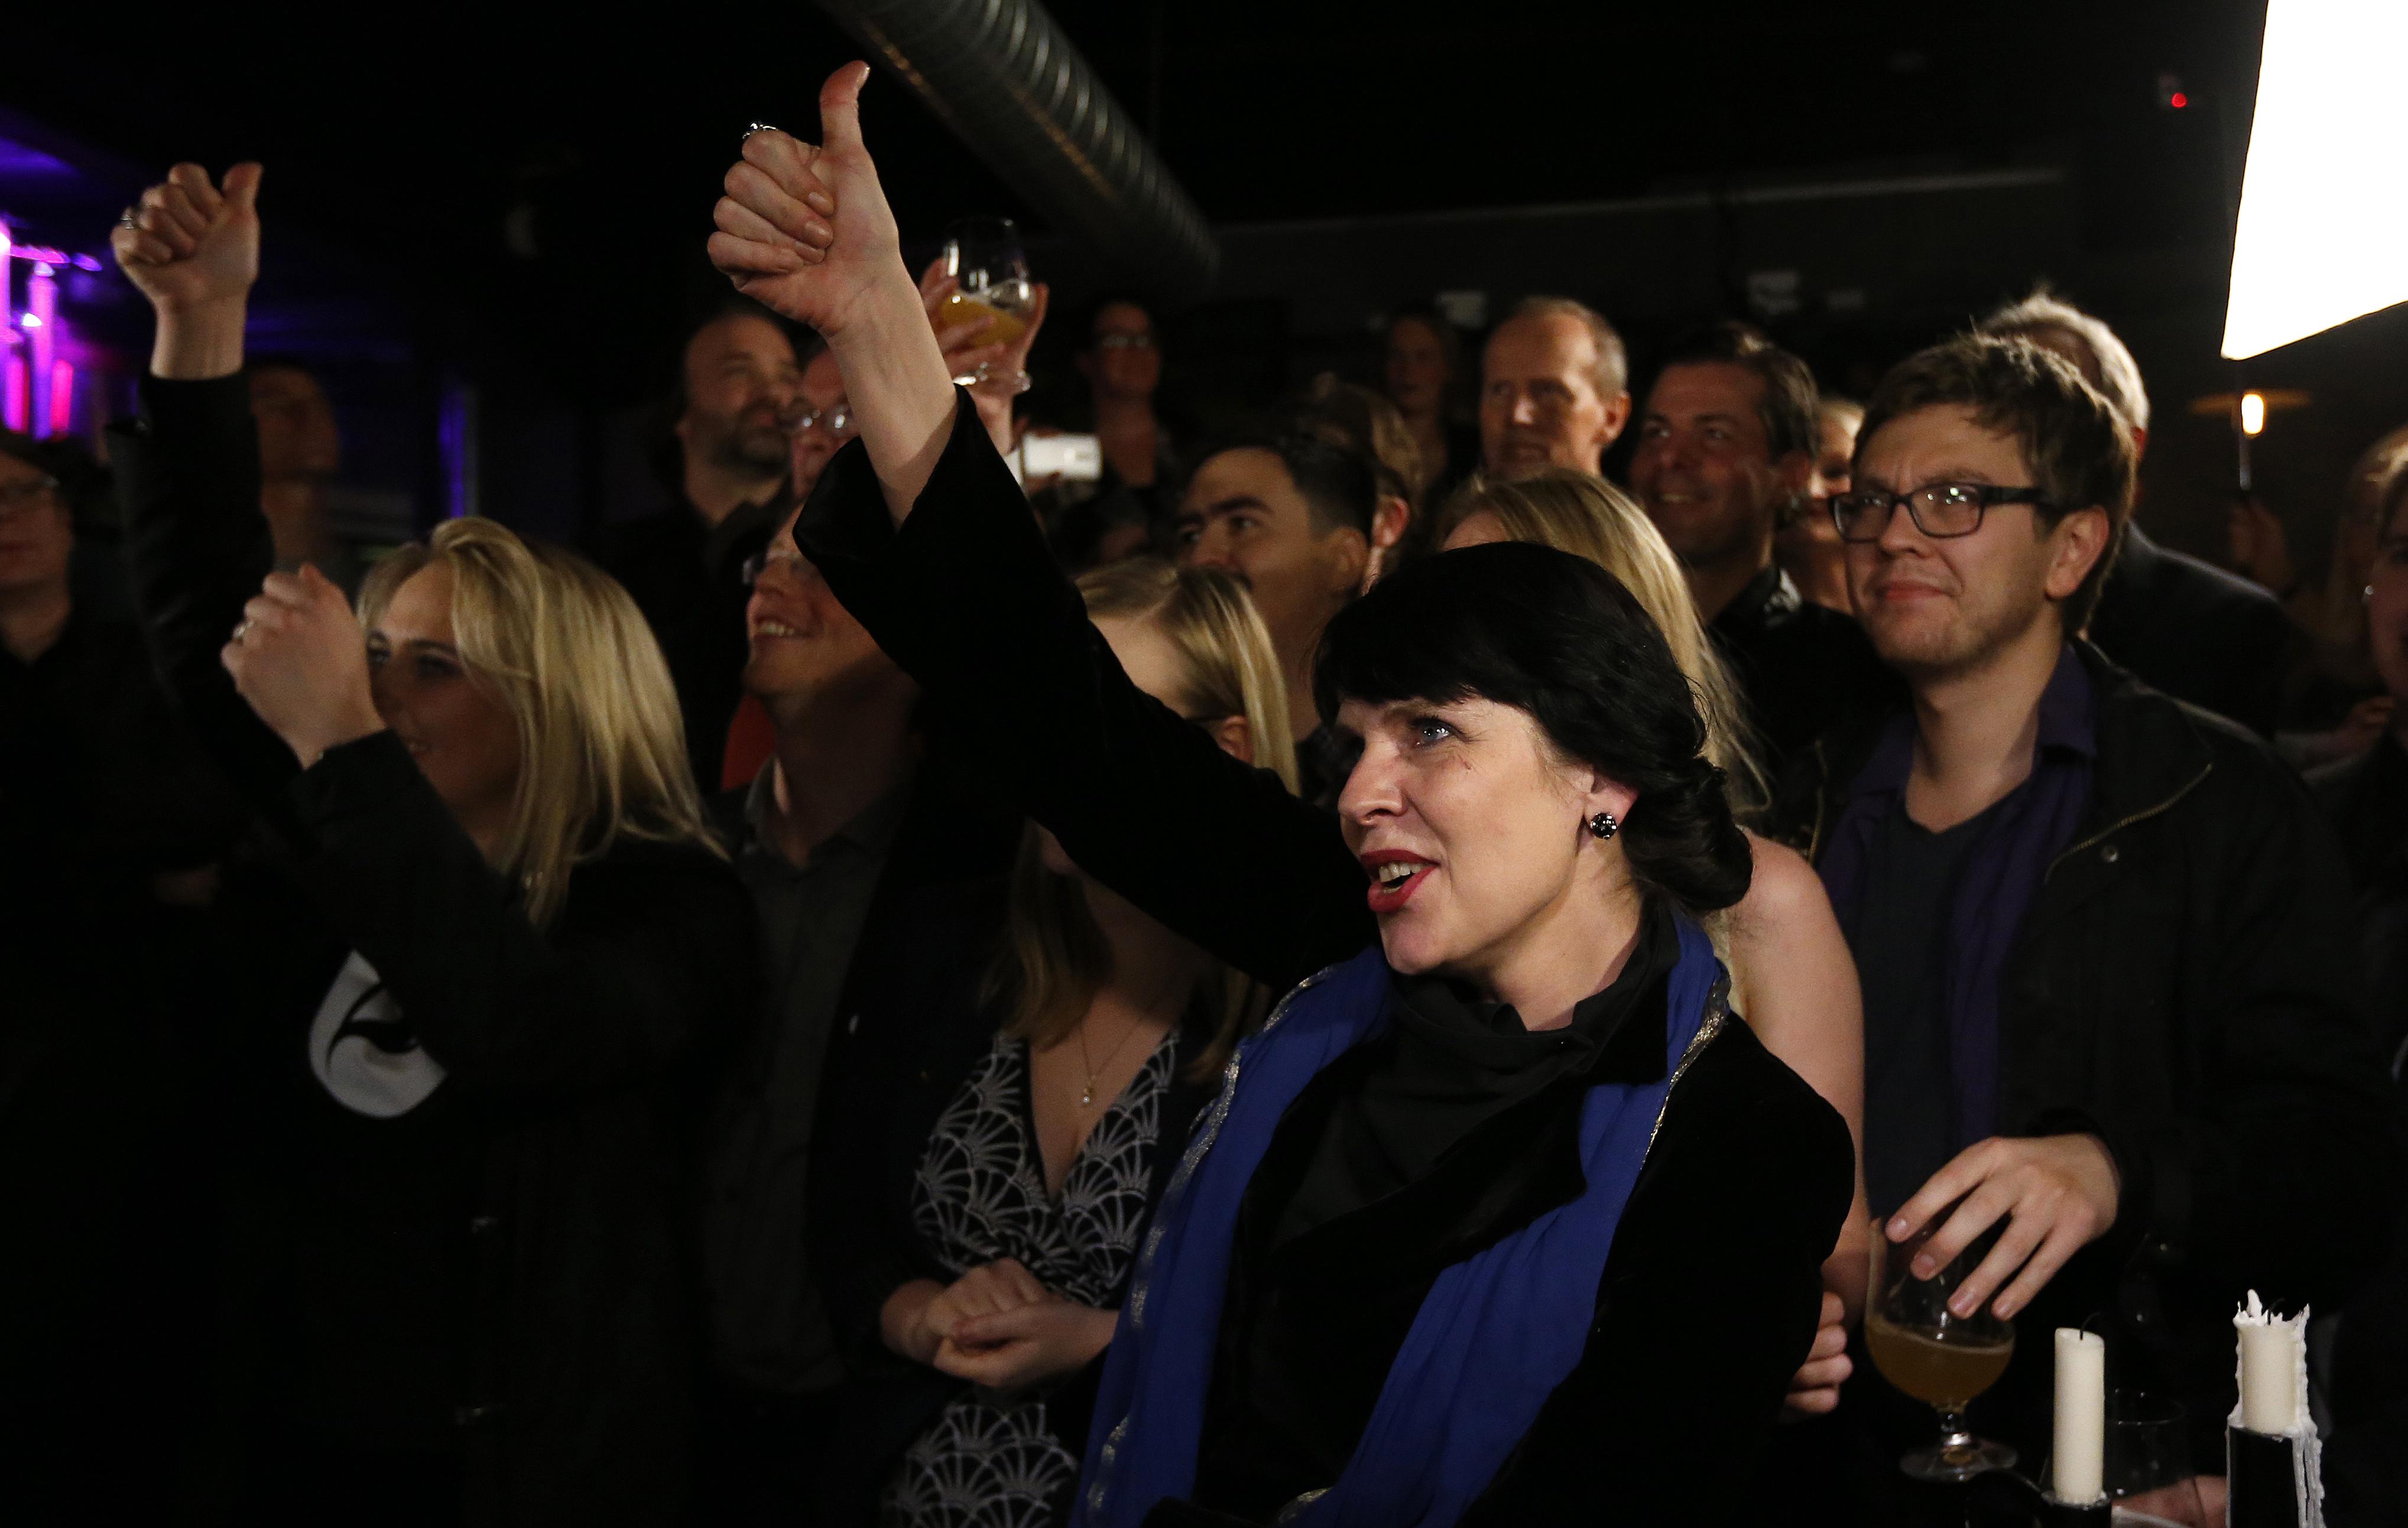 海盜黨創黨人楊斯多蒂爾在觀看開票時與支持者同歡。(美聯社)